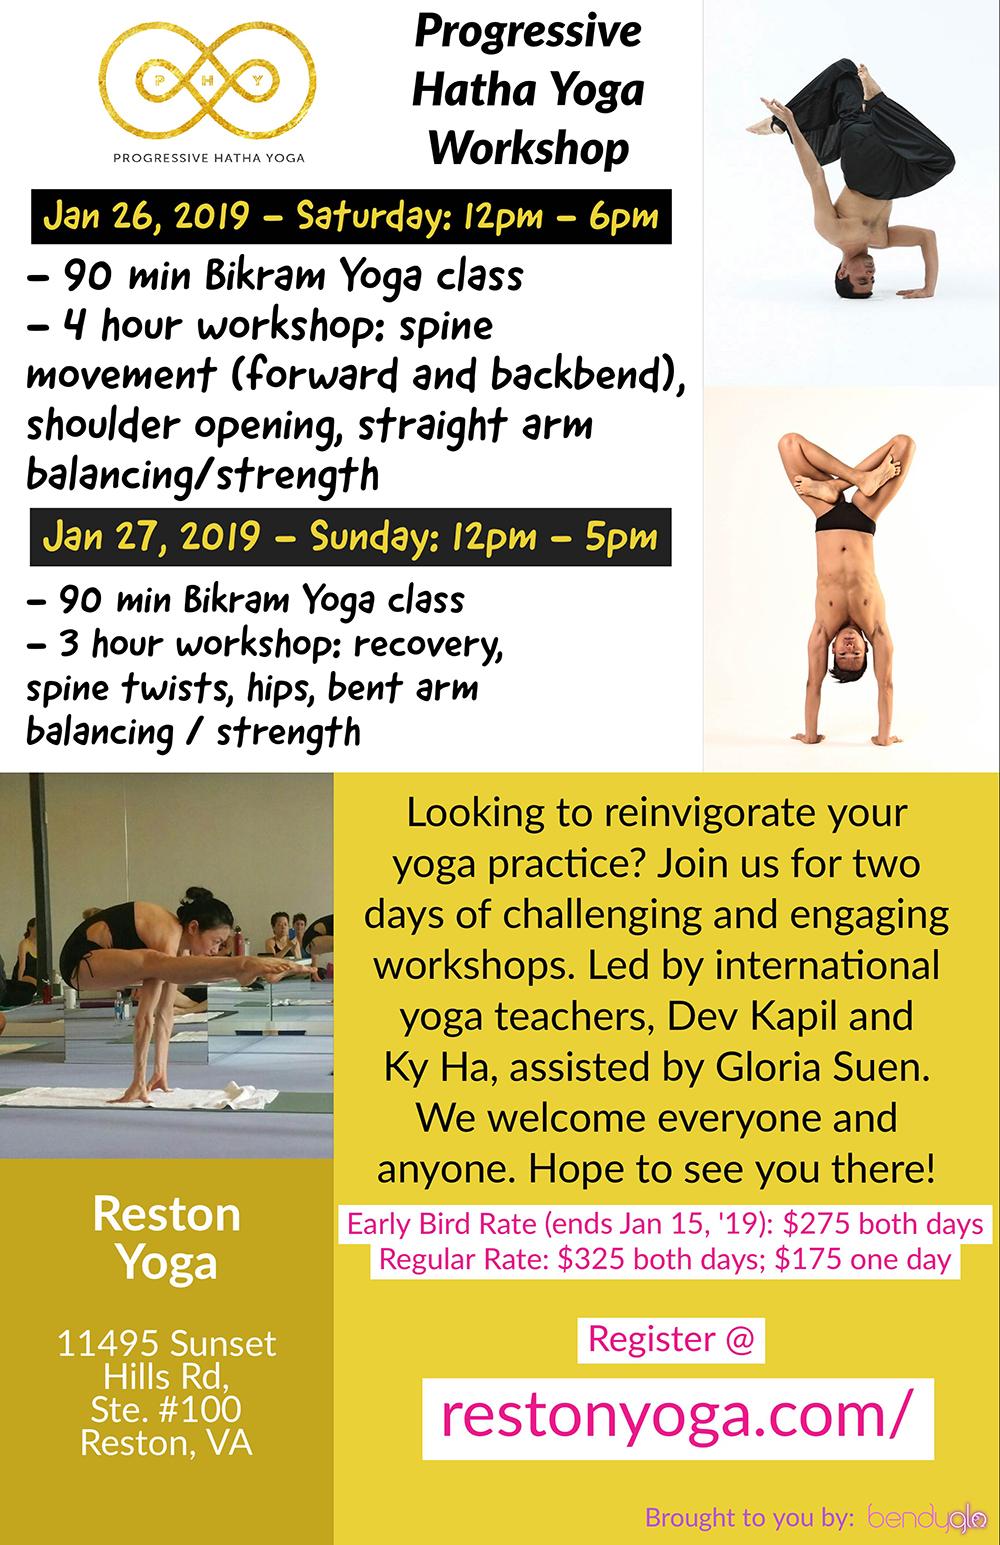 Progressive Hatha Yoga Workshop